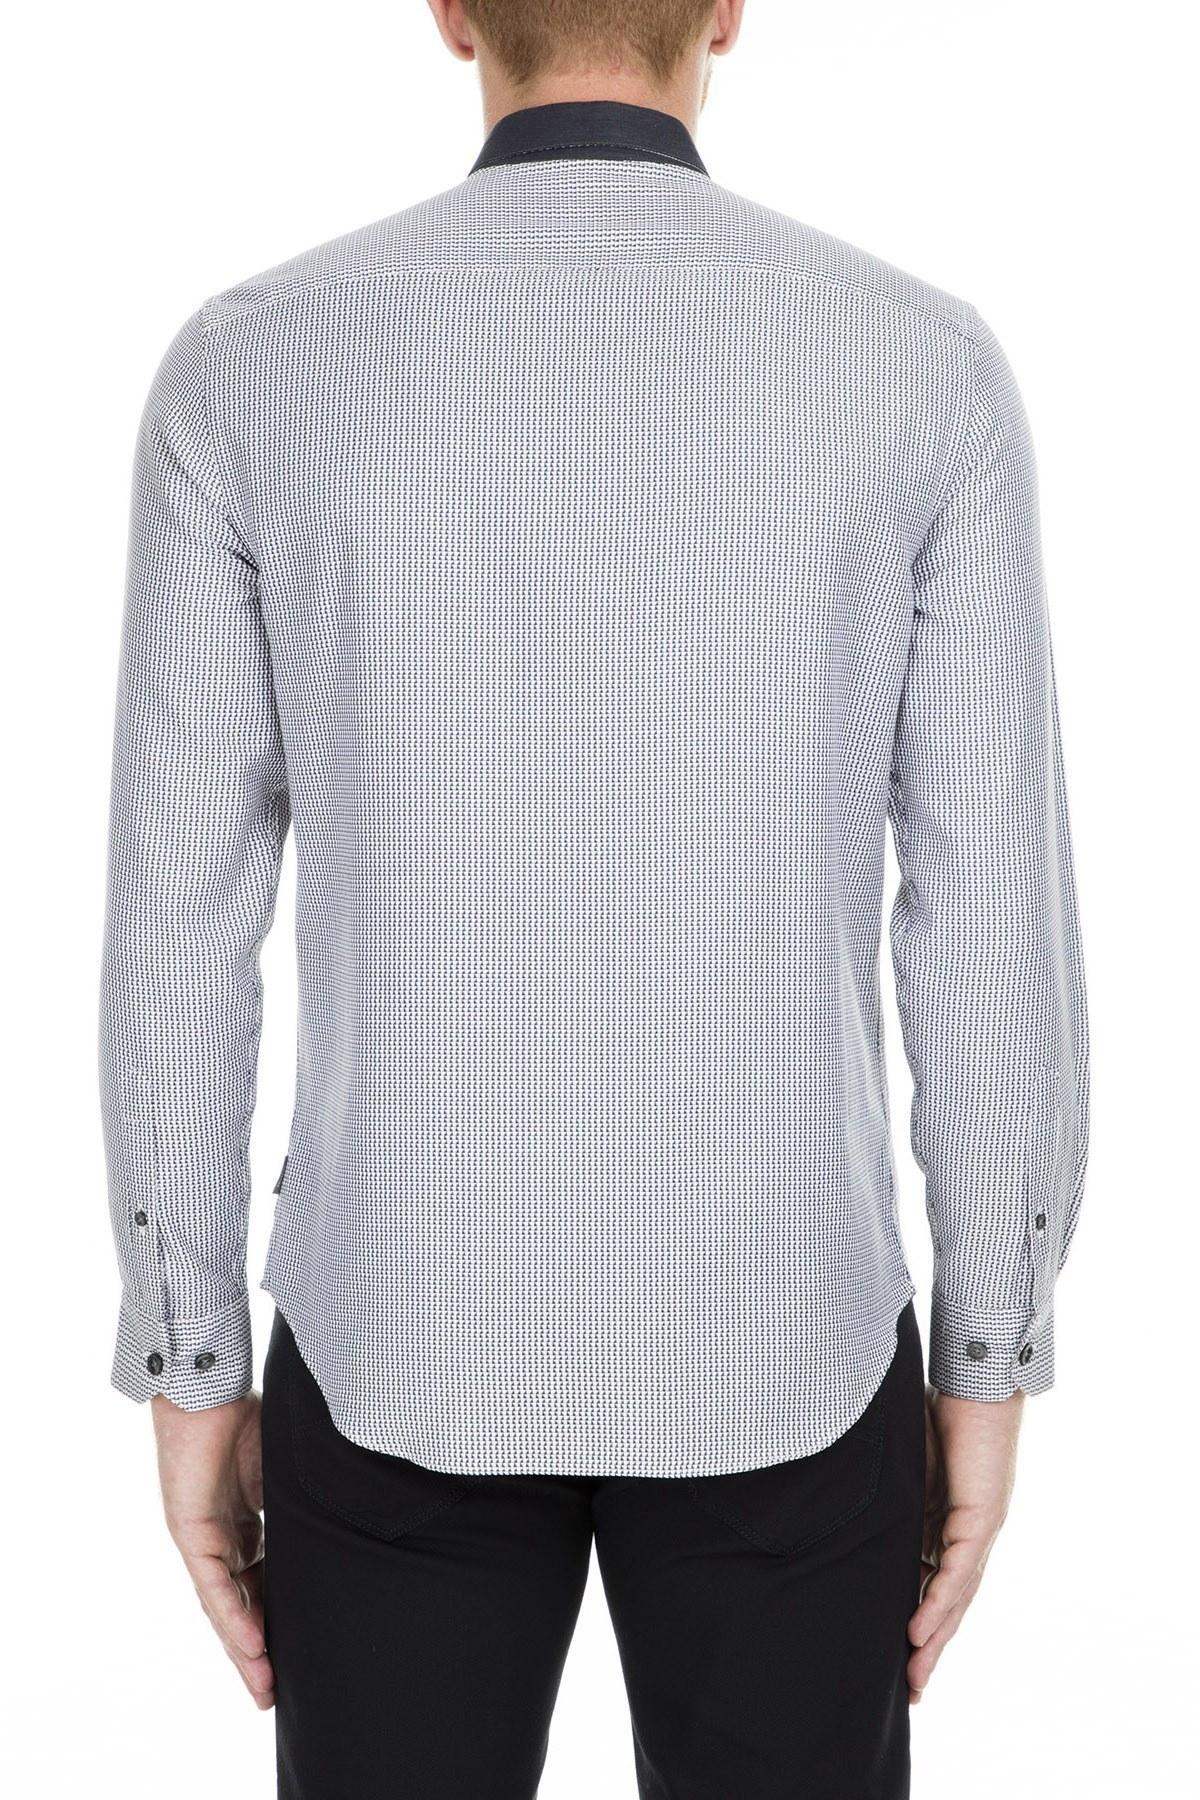 Armani Collezioni Gömlek Erkek Uk Gömlek PCSMQT PC6F7 C042 LACİVERT